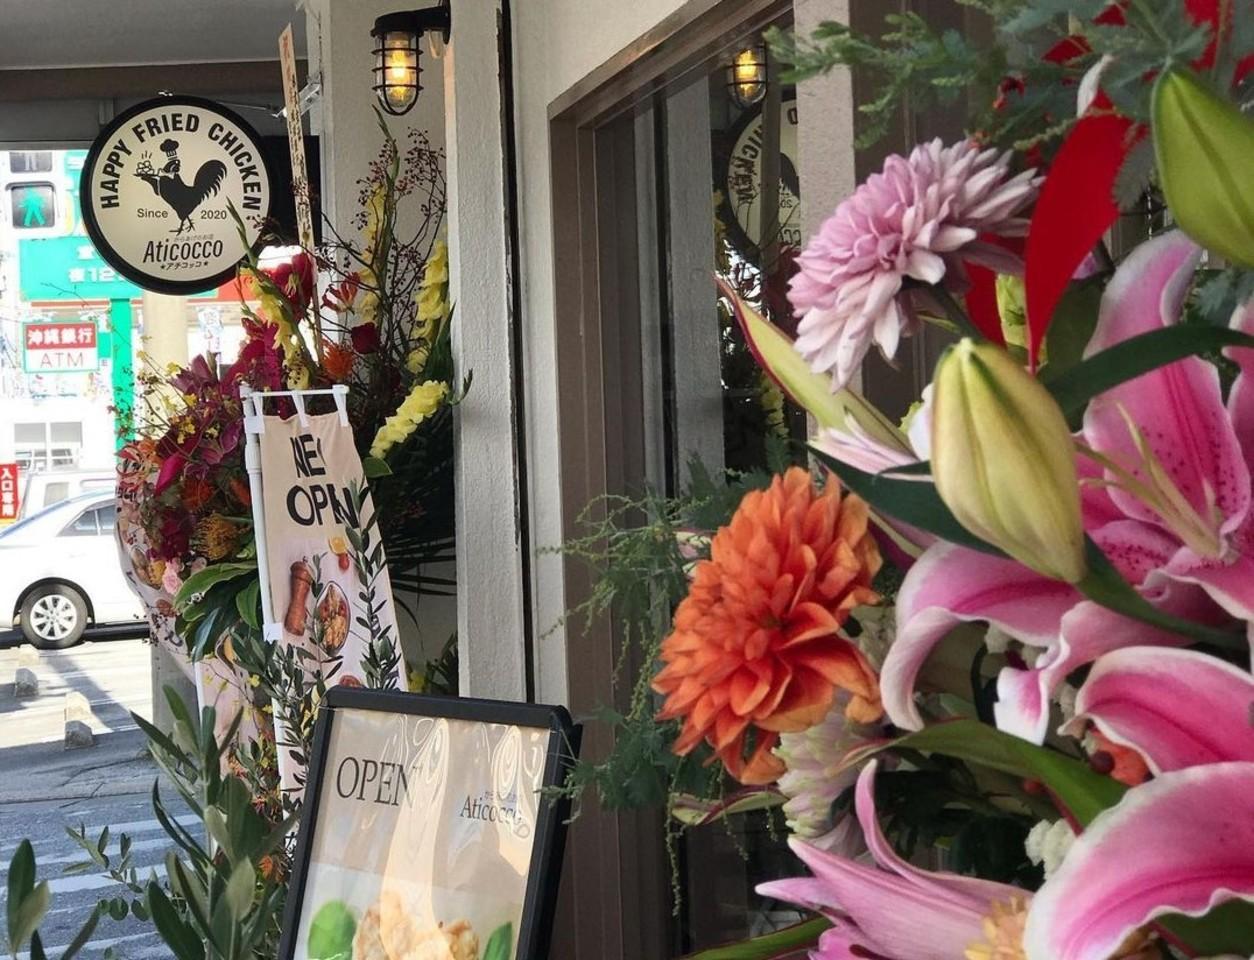 沖縄県宜野湾市愛知2丁目にからあげのお店「アチコッコ」が本日グランドオープンされたようです。